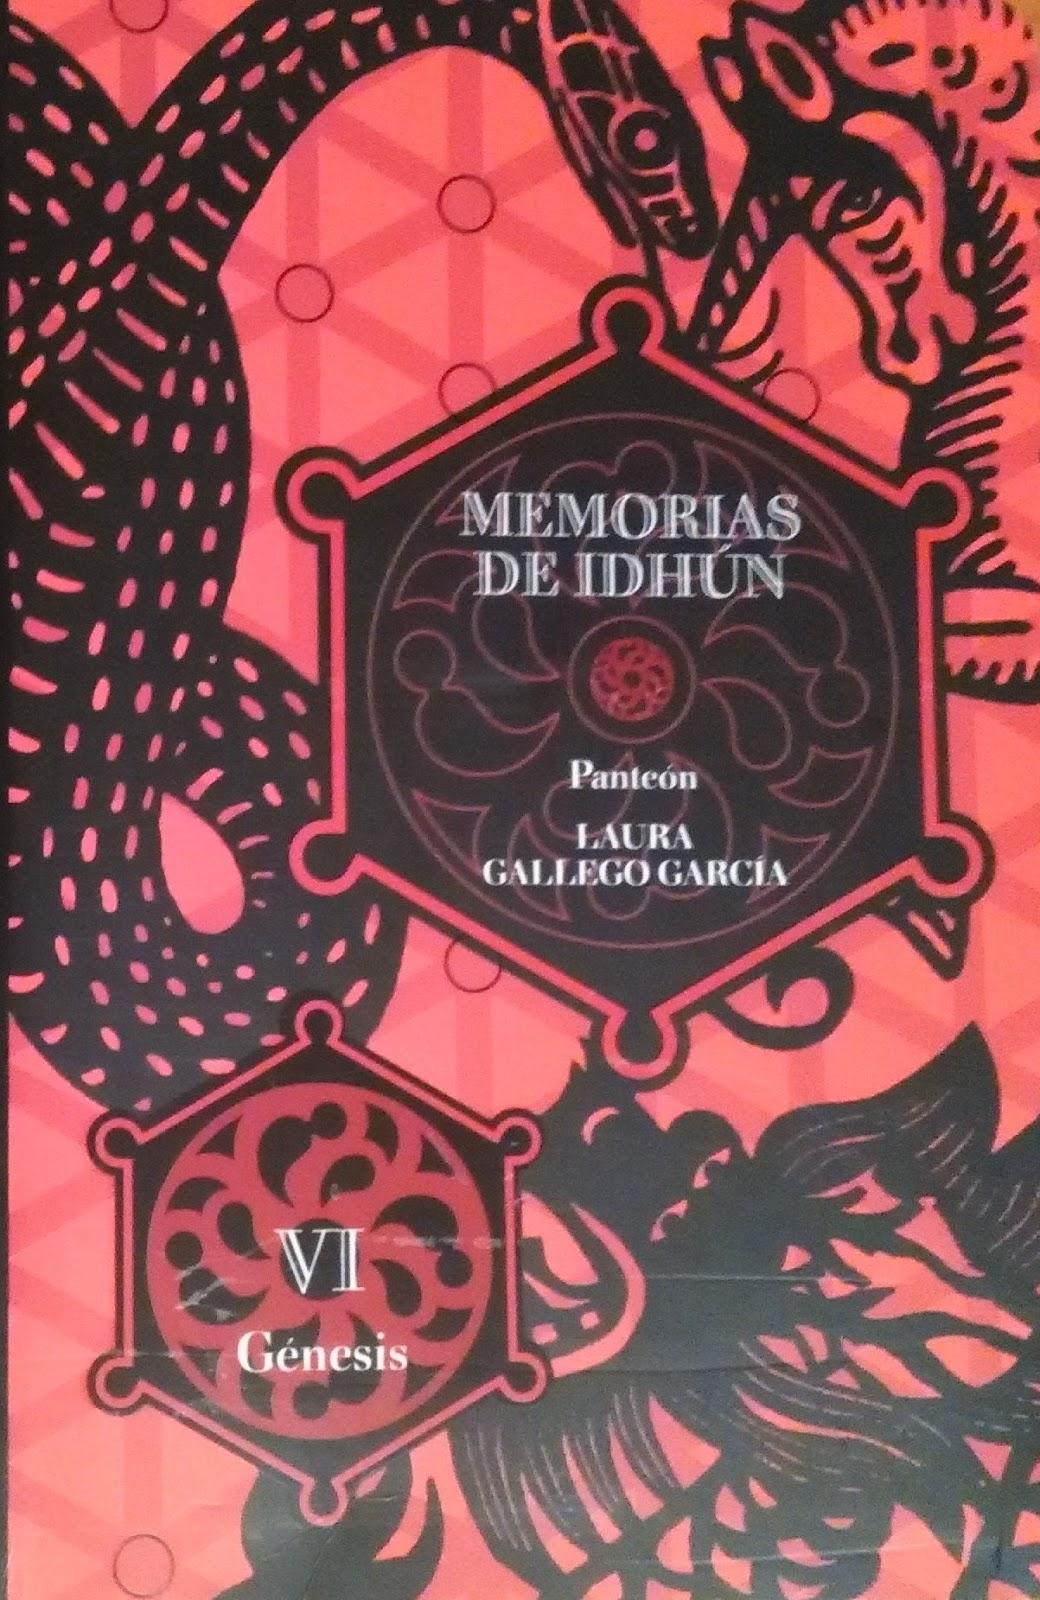 Book Cover Portadas Elementales : Jeydilibros book tag portadas elementales